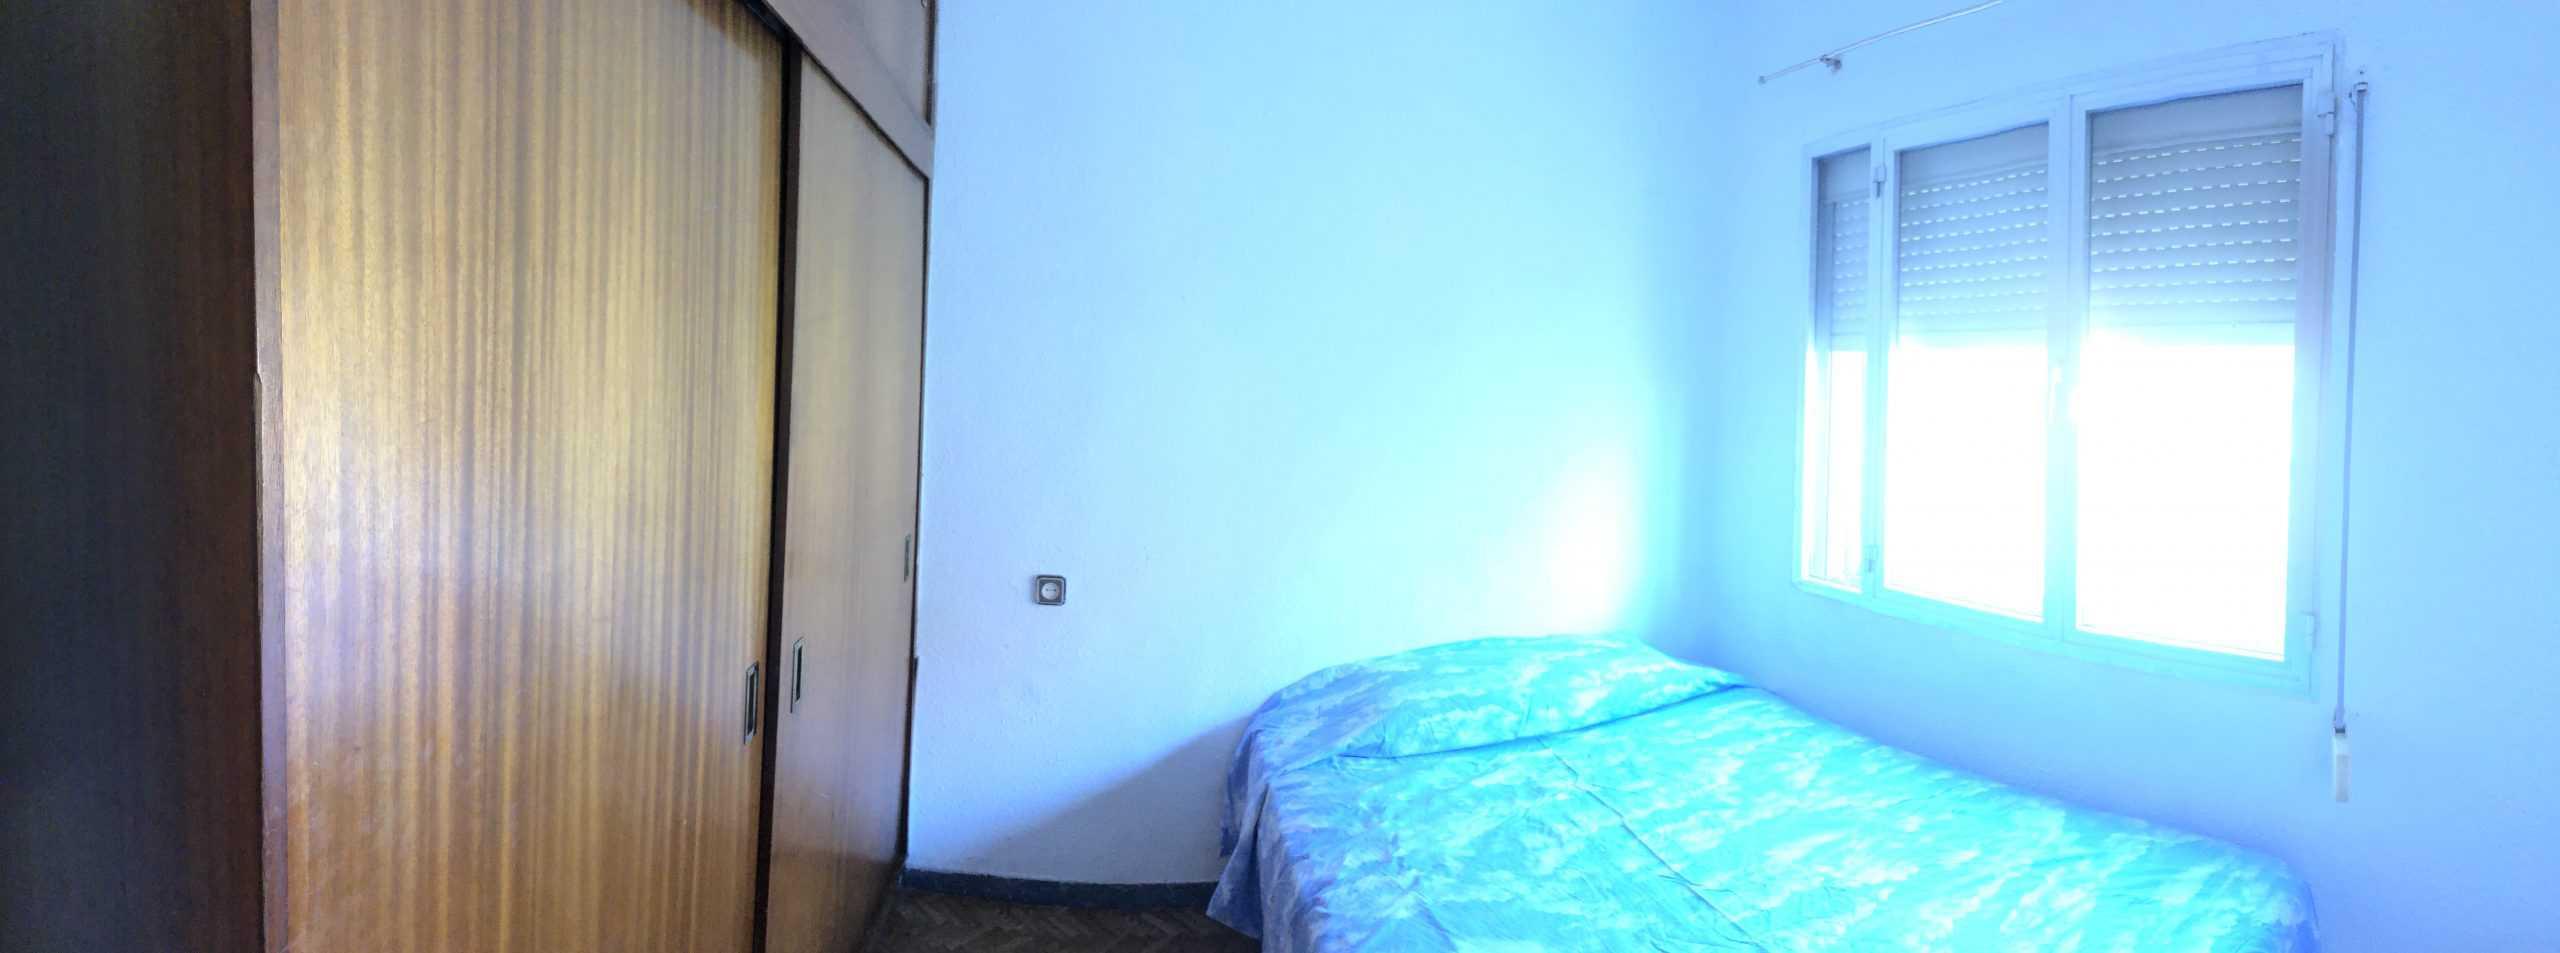 Agencia Inmobiliaria de Madrid-FUTUROCASA-Zona ARGANZUELA-EMBAJADORES-LEGAZPI -calle Embajadores- dormitorio- 5